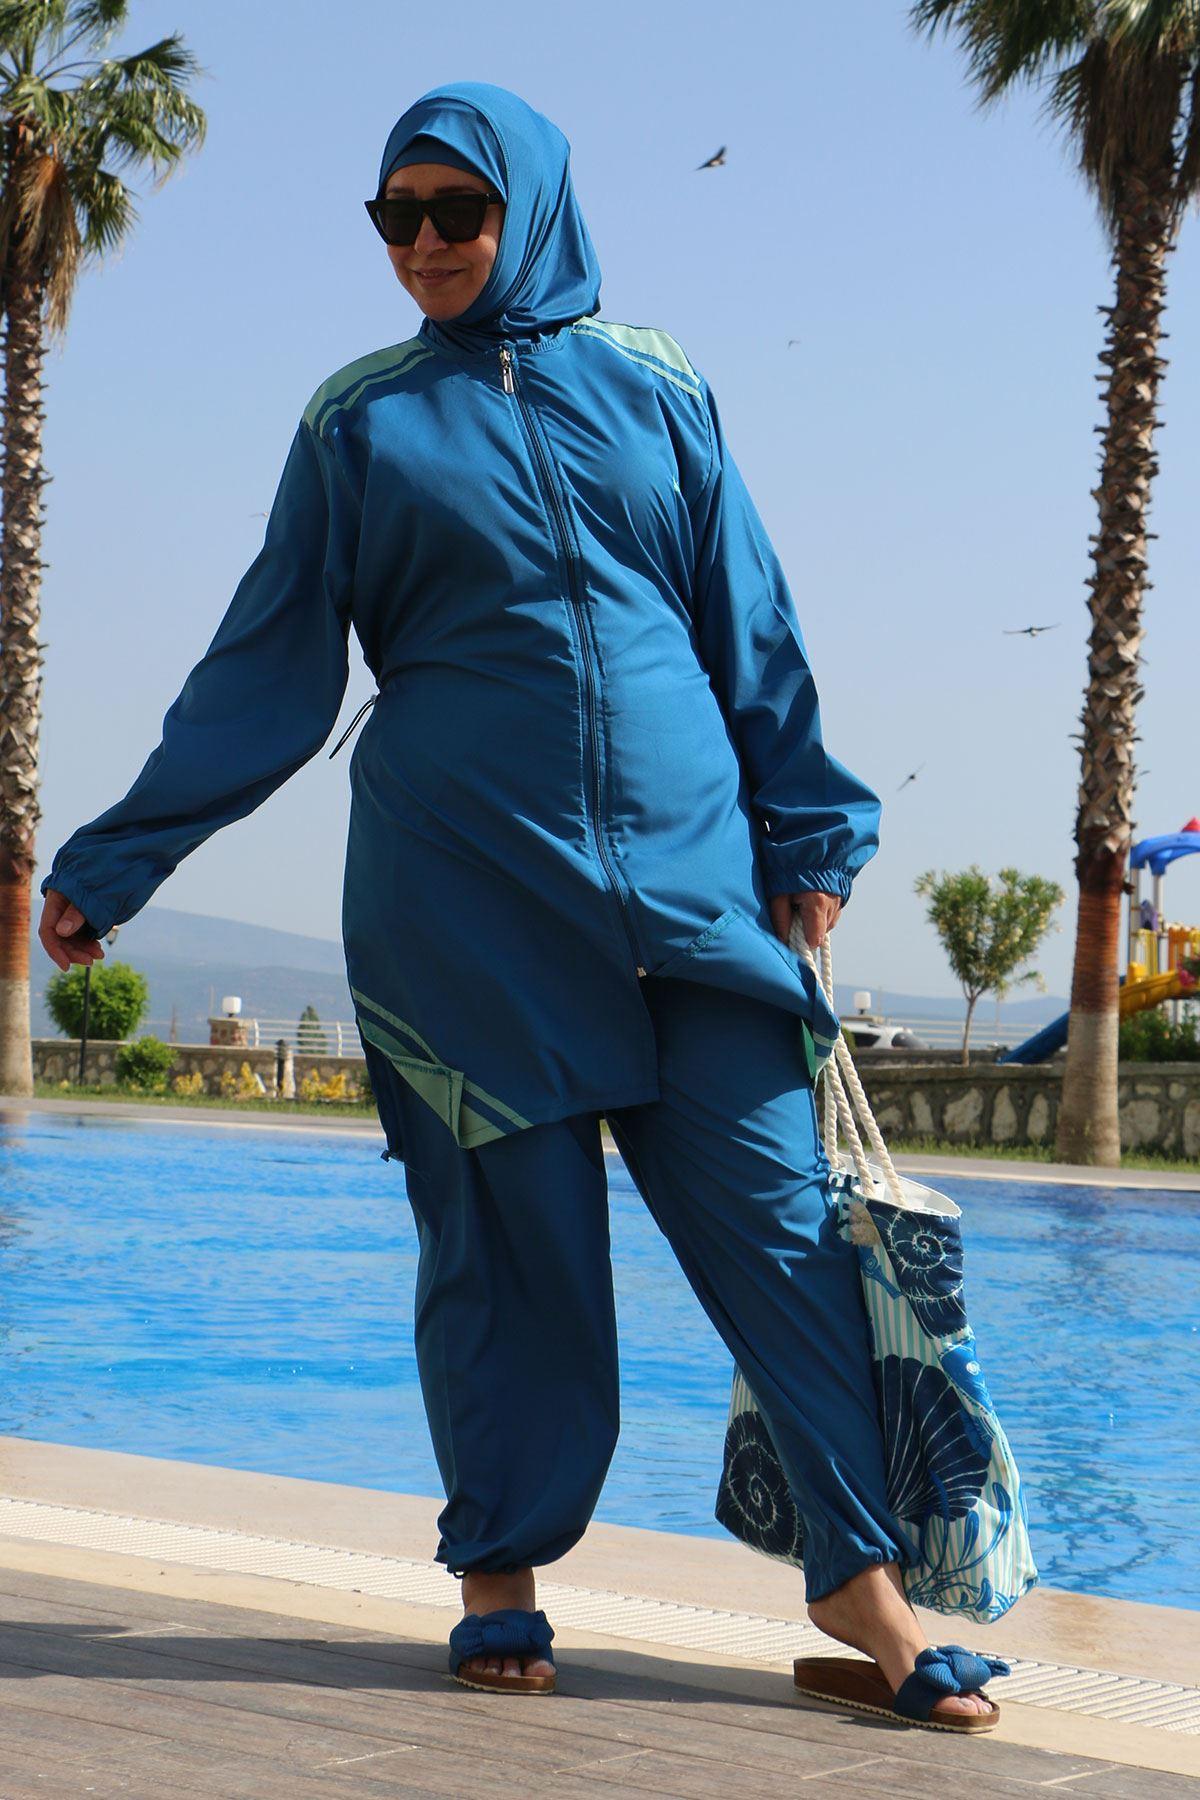 3405 ملابس السباحة بالساق مطاطي و مقاس كبير - لون ازرق بترولي